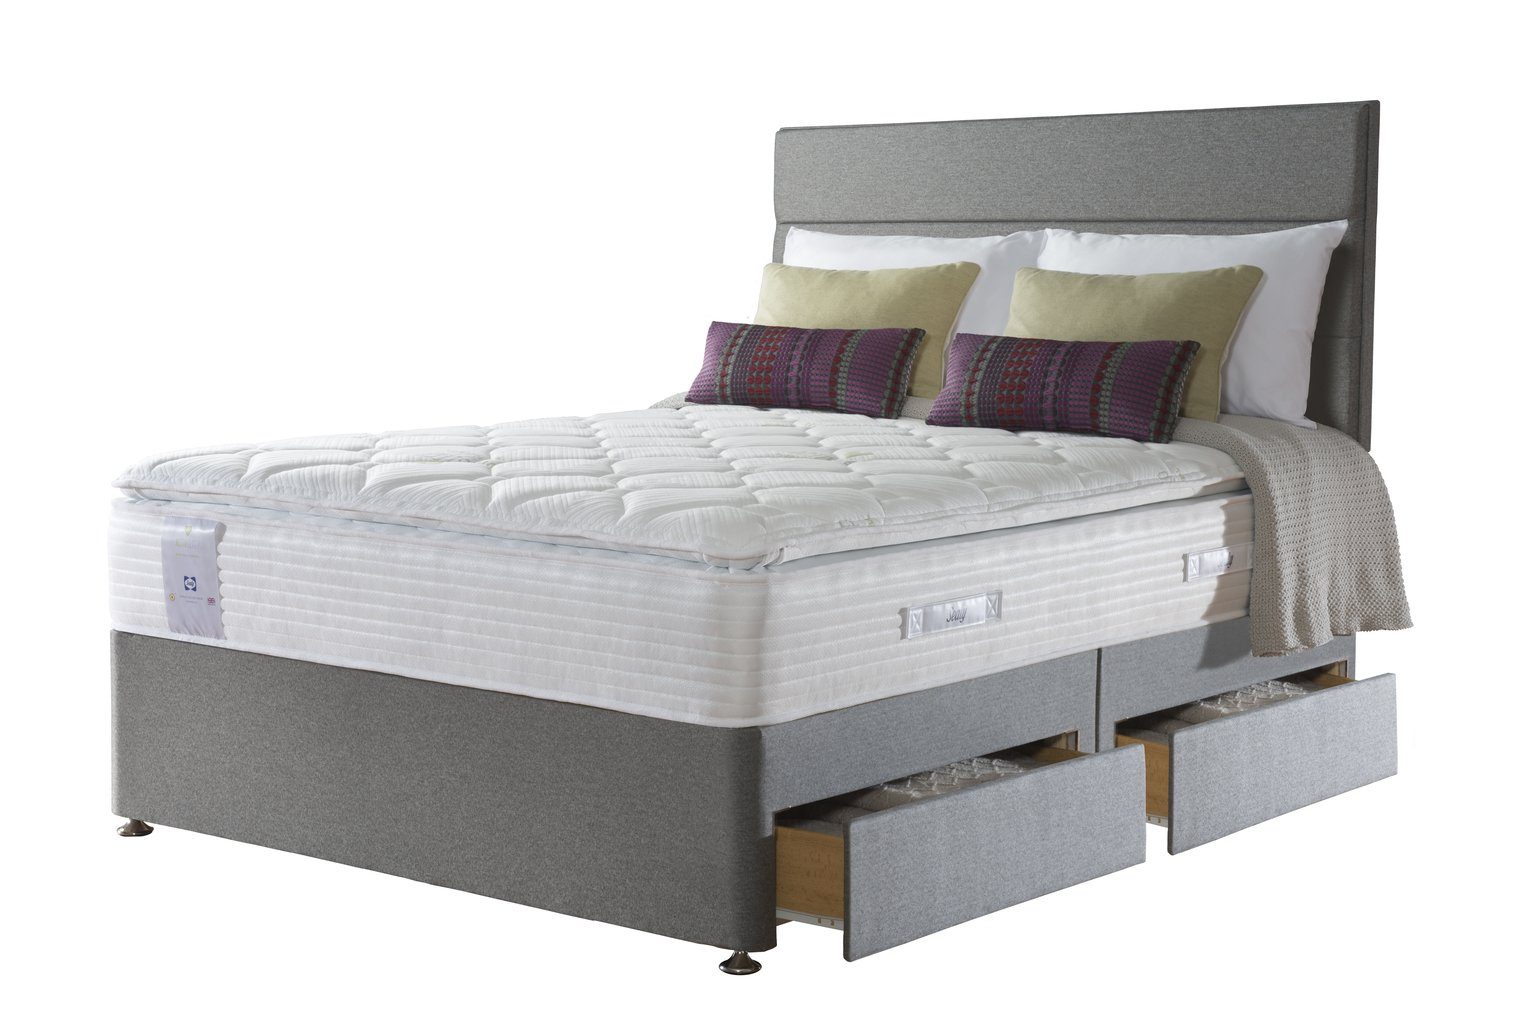 Sealy Activ 2200 Geltex Pillowtop 4 Drawer Kingsize Divan